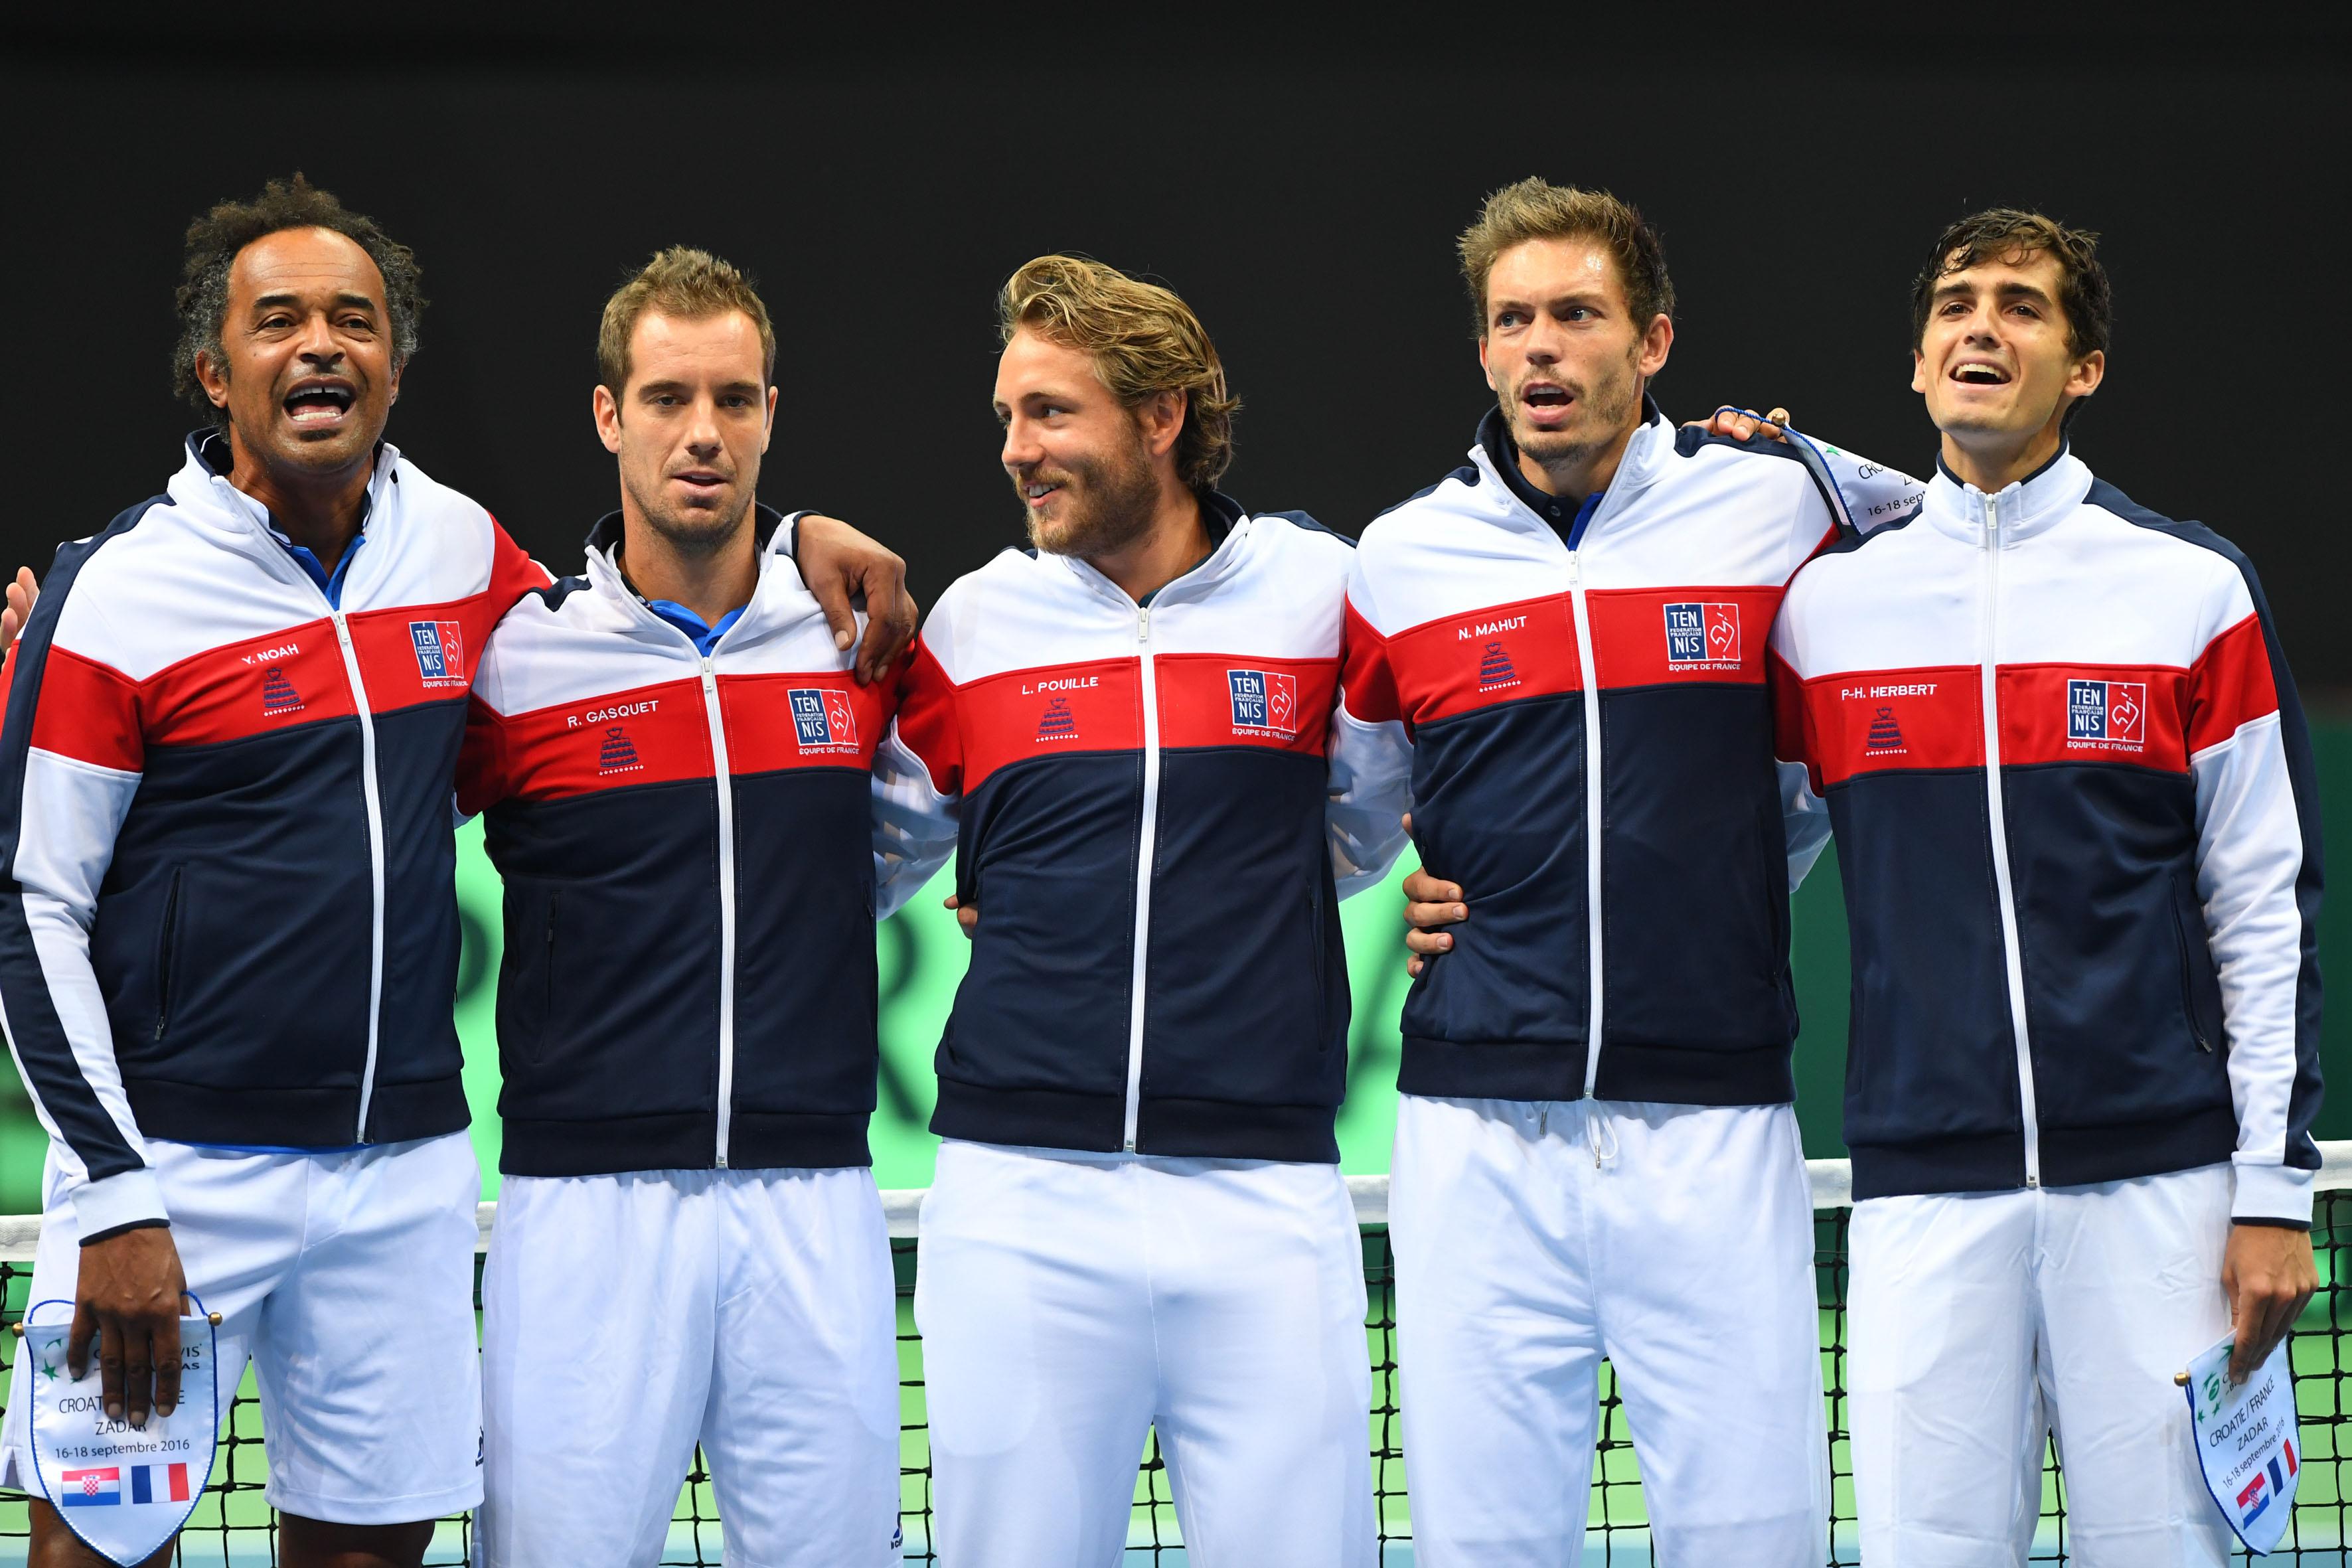 Tennis : Coupe Davis - Coupe Davis : Les Bleus se rendront au Japon pour le 1er tour en 2017